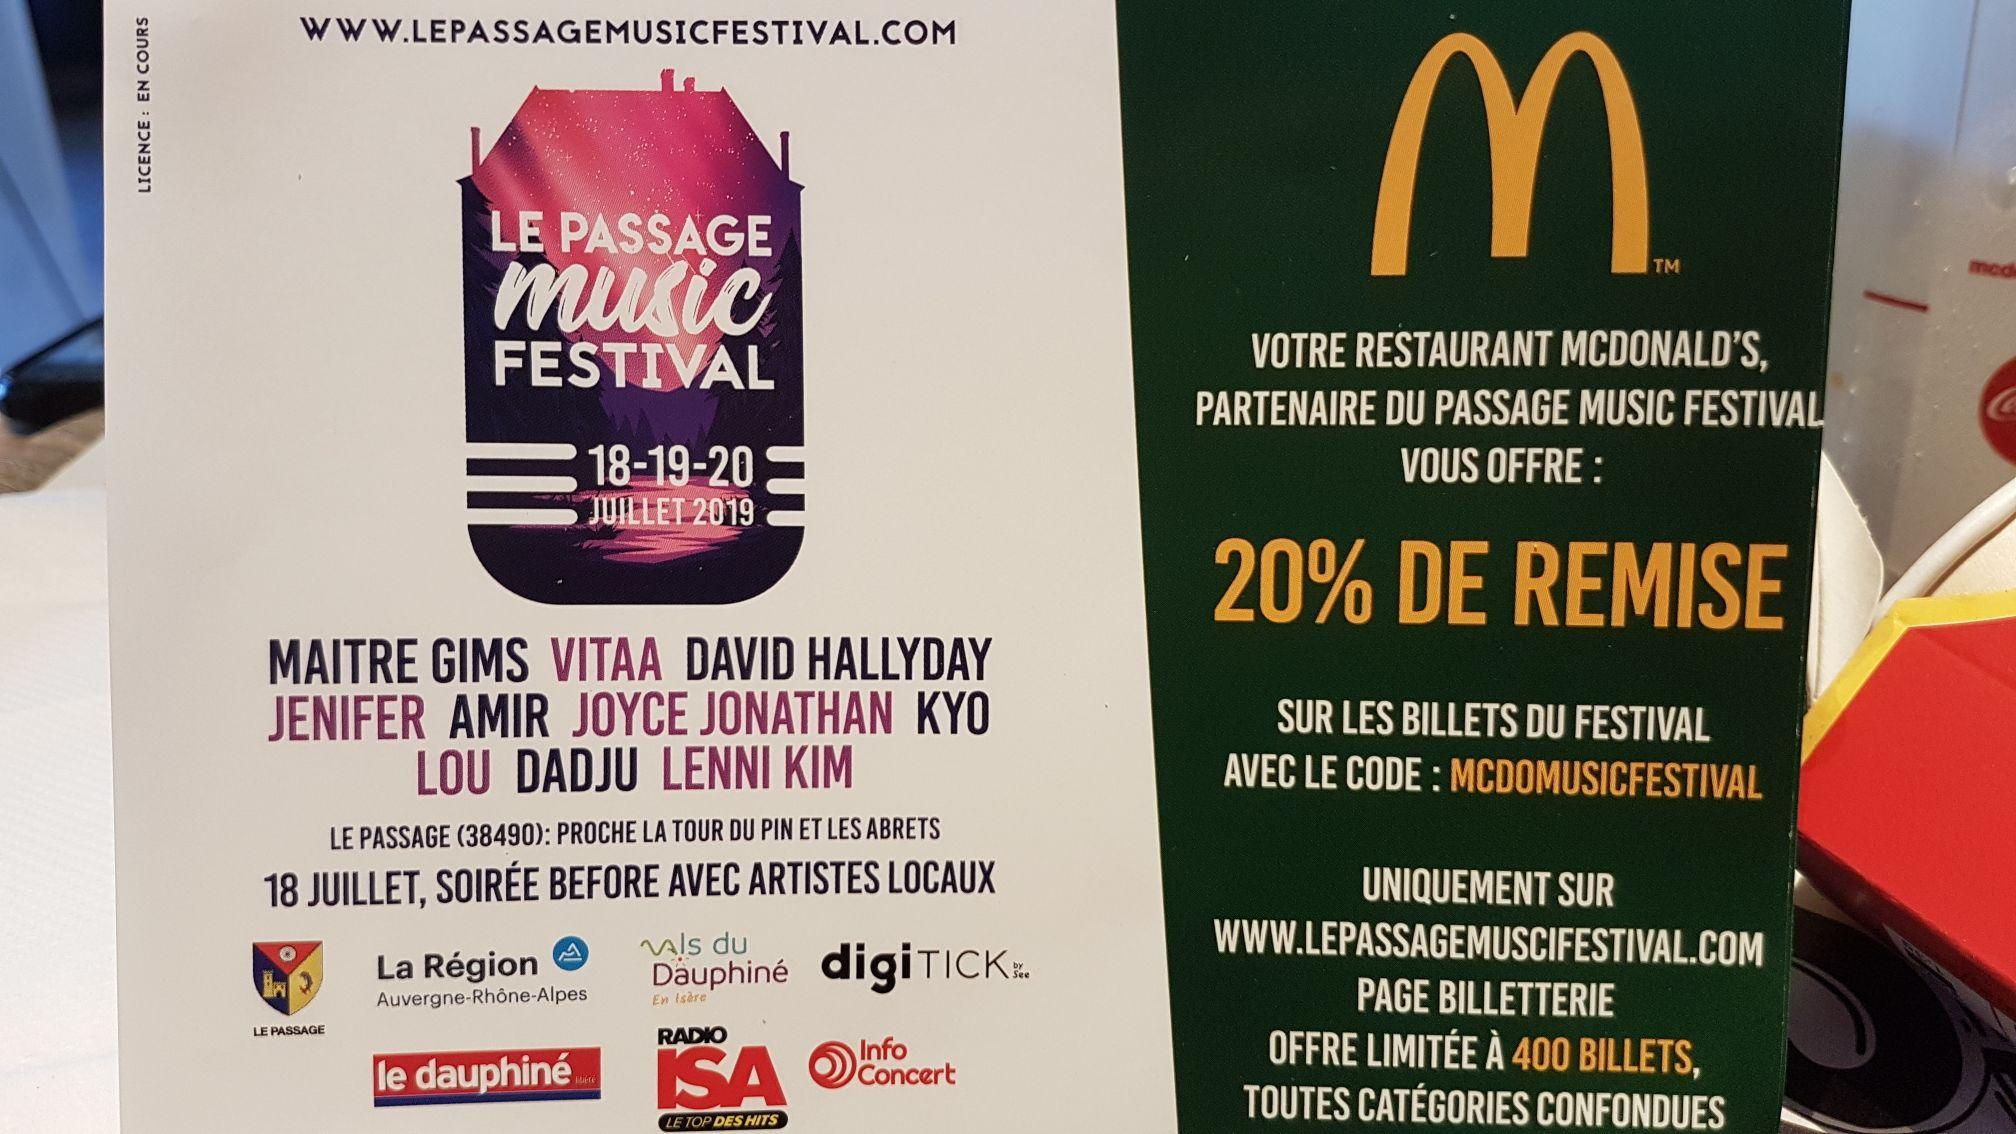 20% de réduction sur les billets pour le Passage Music Festival